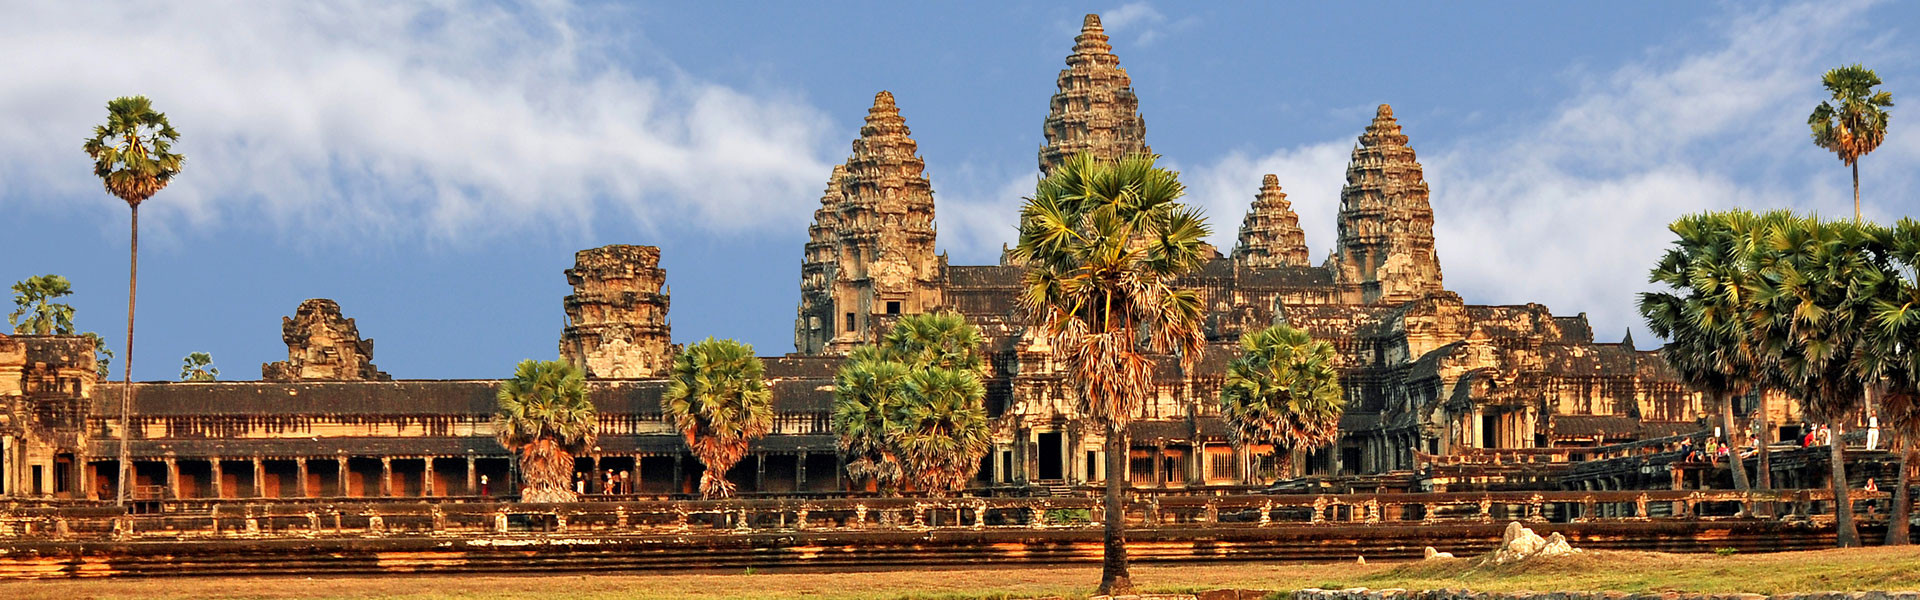 cambodia (2)